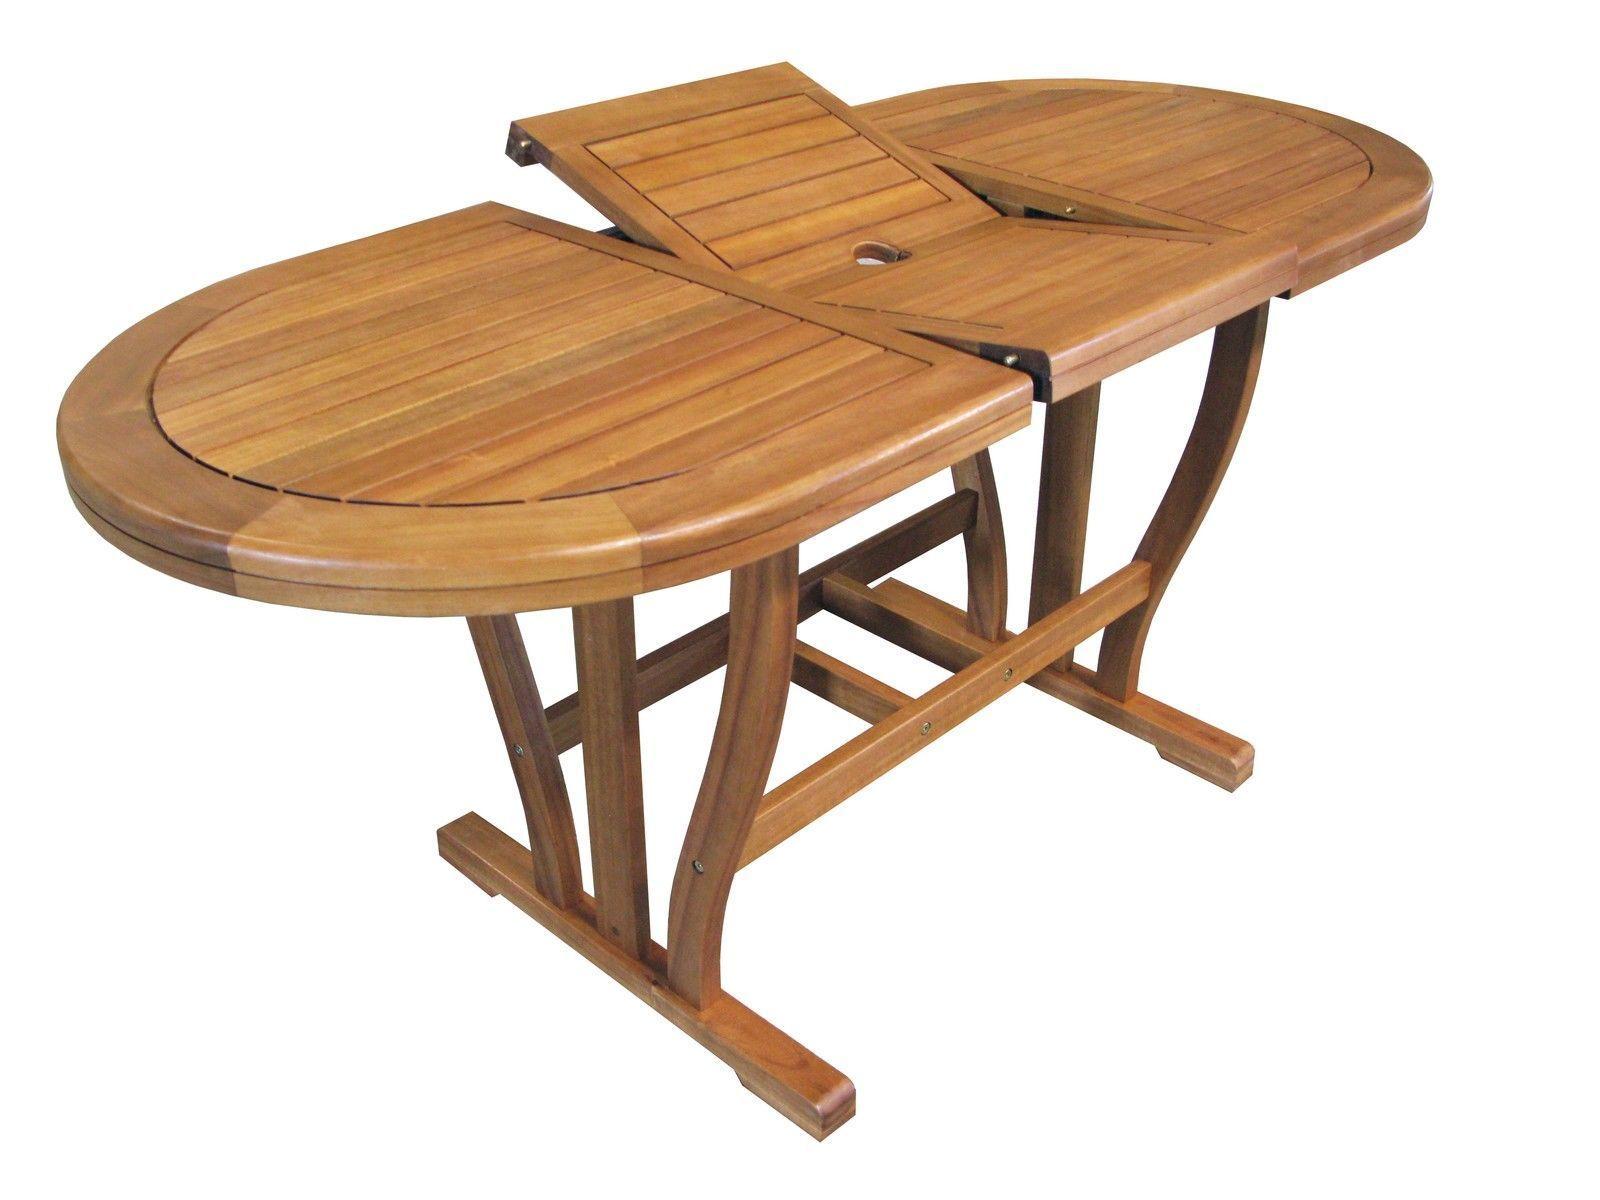 Tavolo ovale apribile esterno giardino in legno di acacia for Tavolo legno esterno